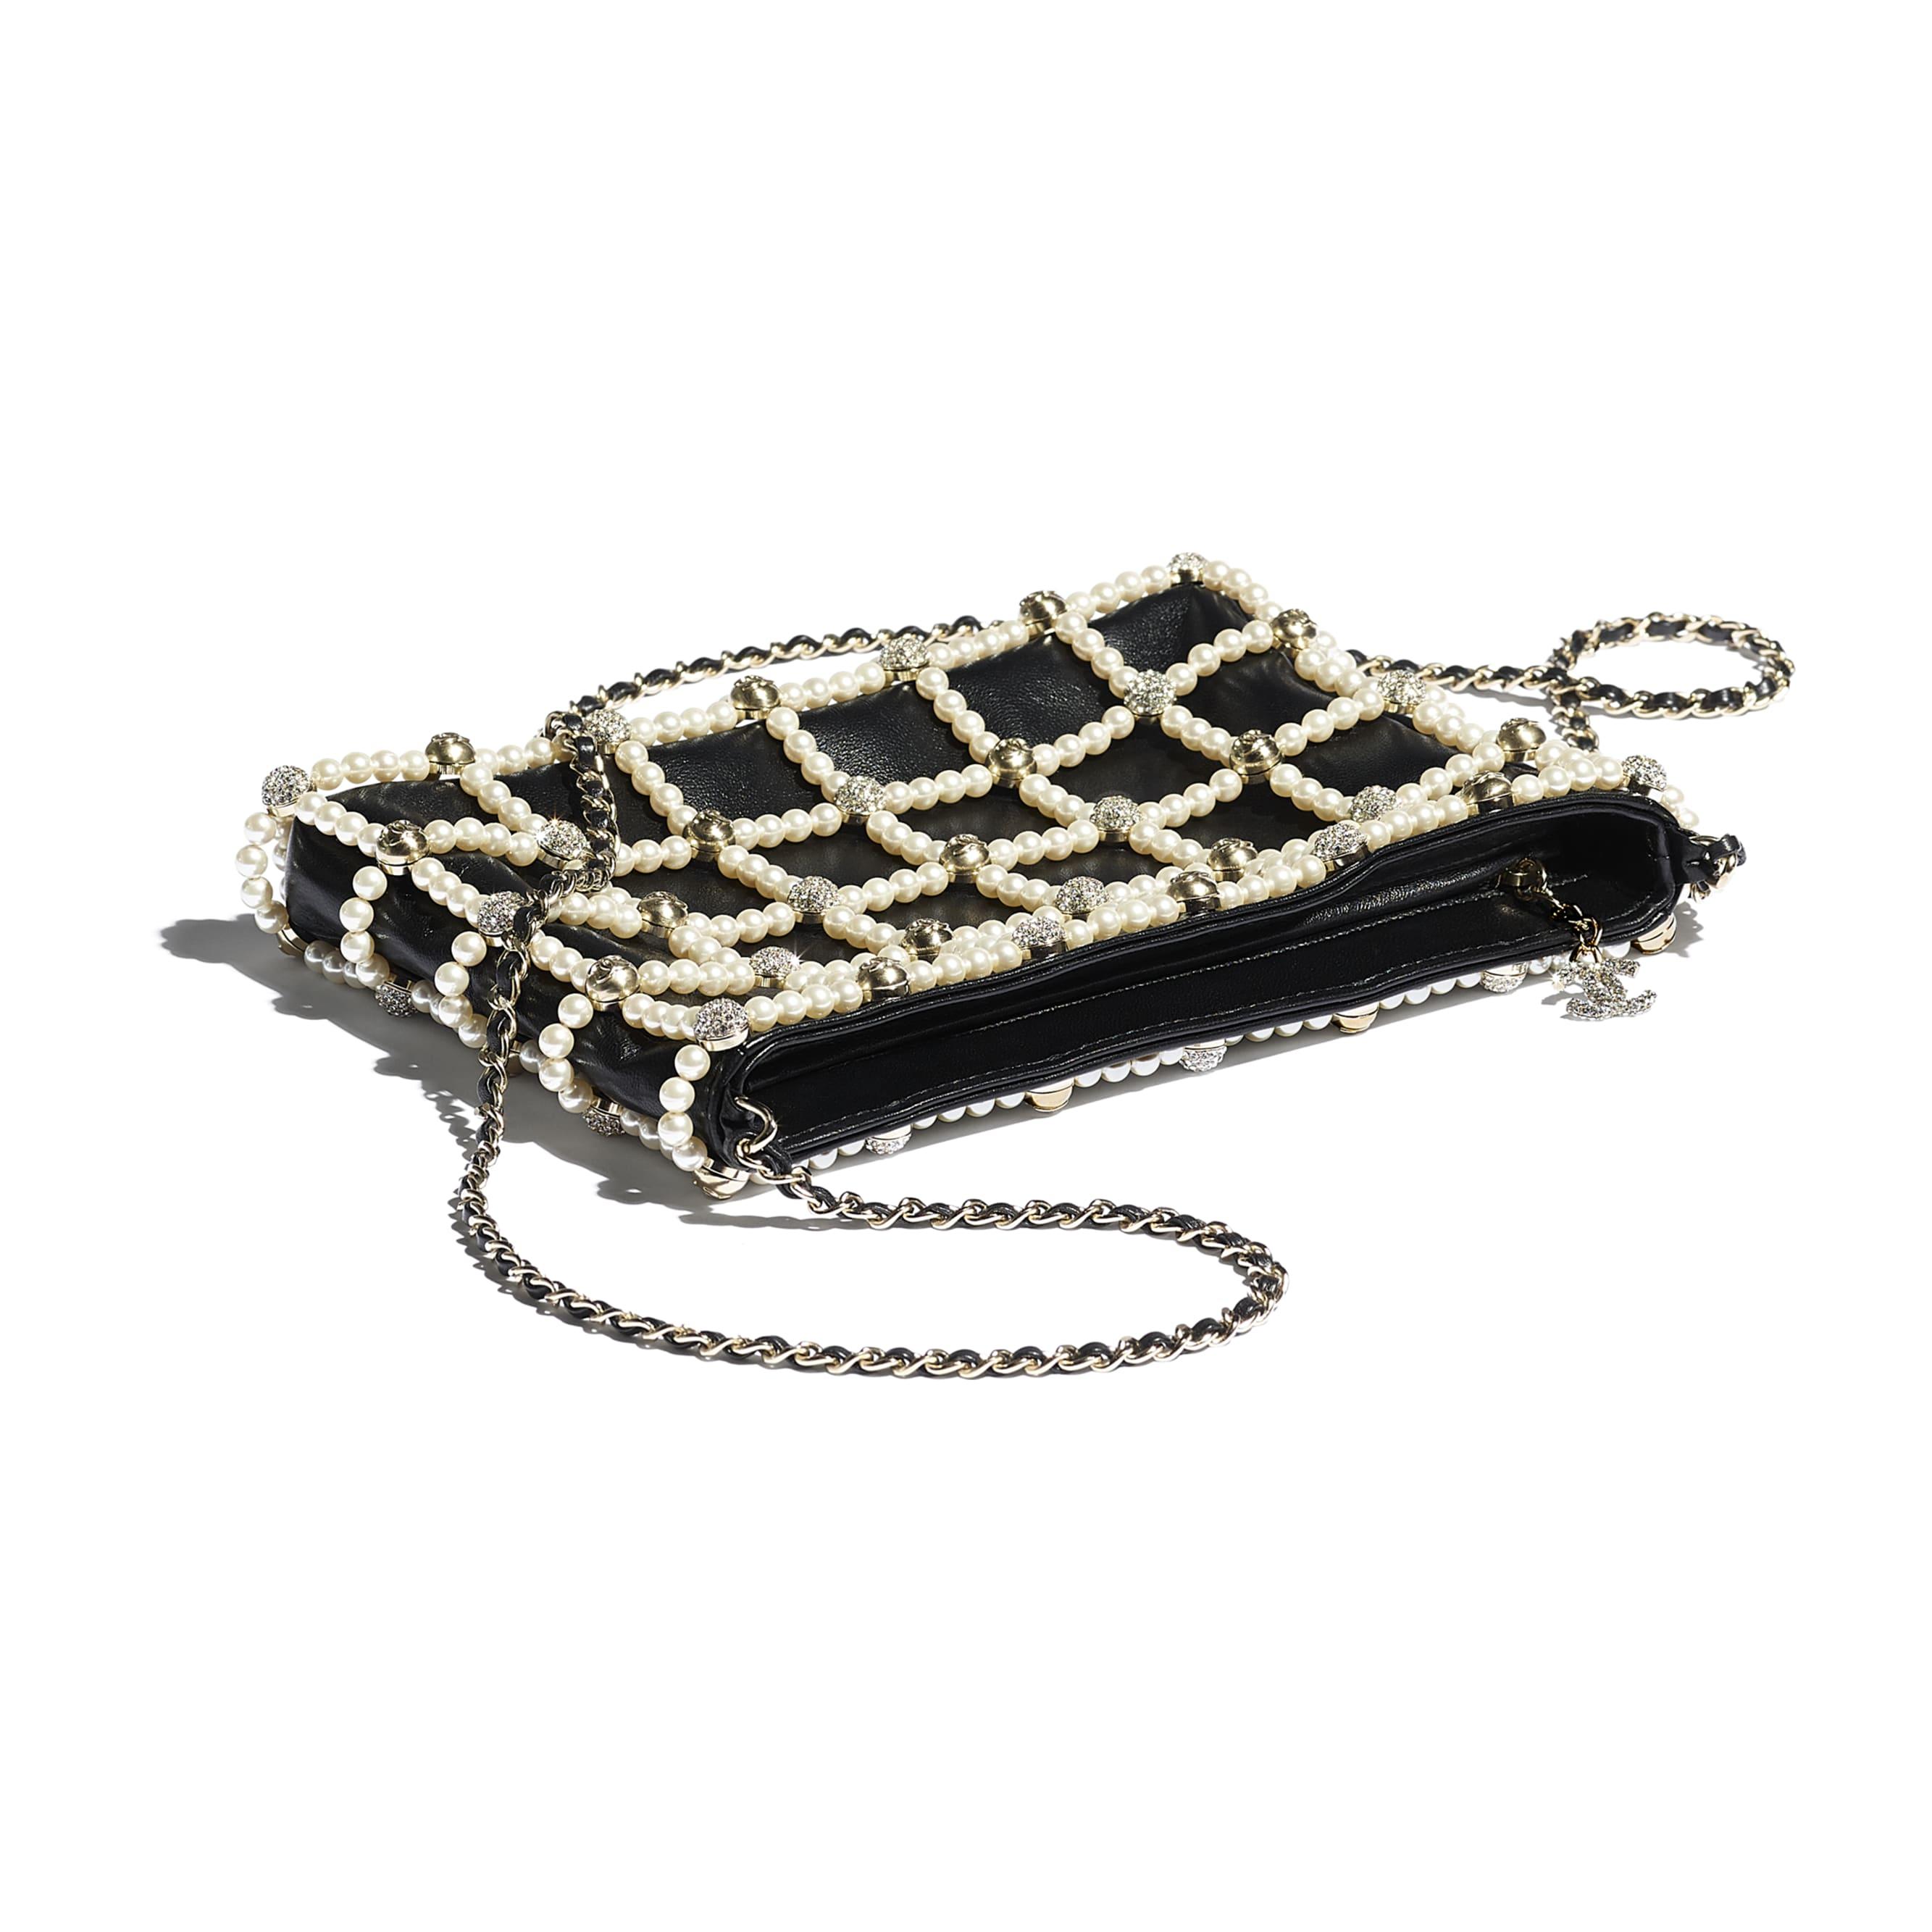 Pochette - Nero - Pelle di agnello, pelle, perle in pasta di vetro, strass & metallo effetto dorato - CHANEL - Altra immagine - vedere versione standard